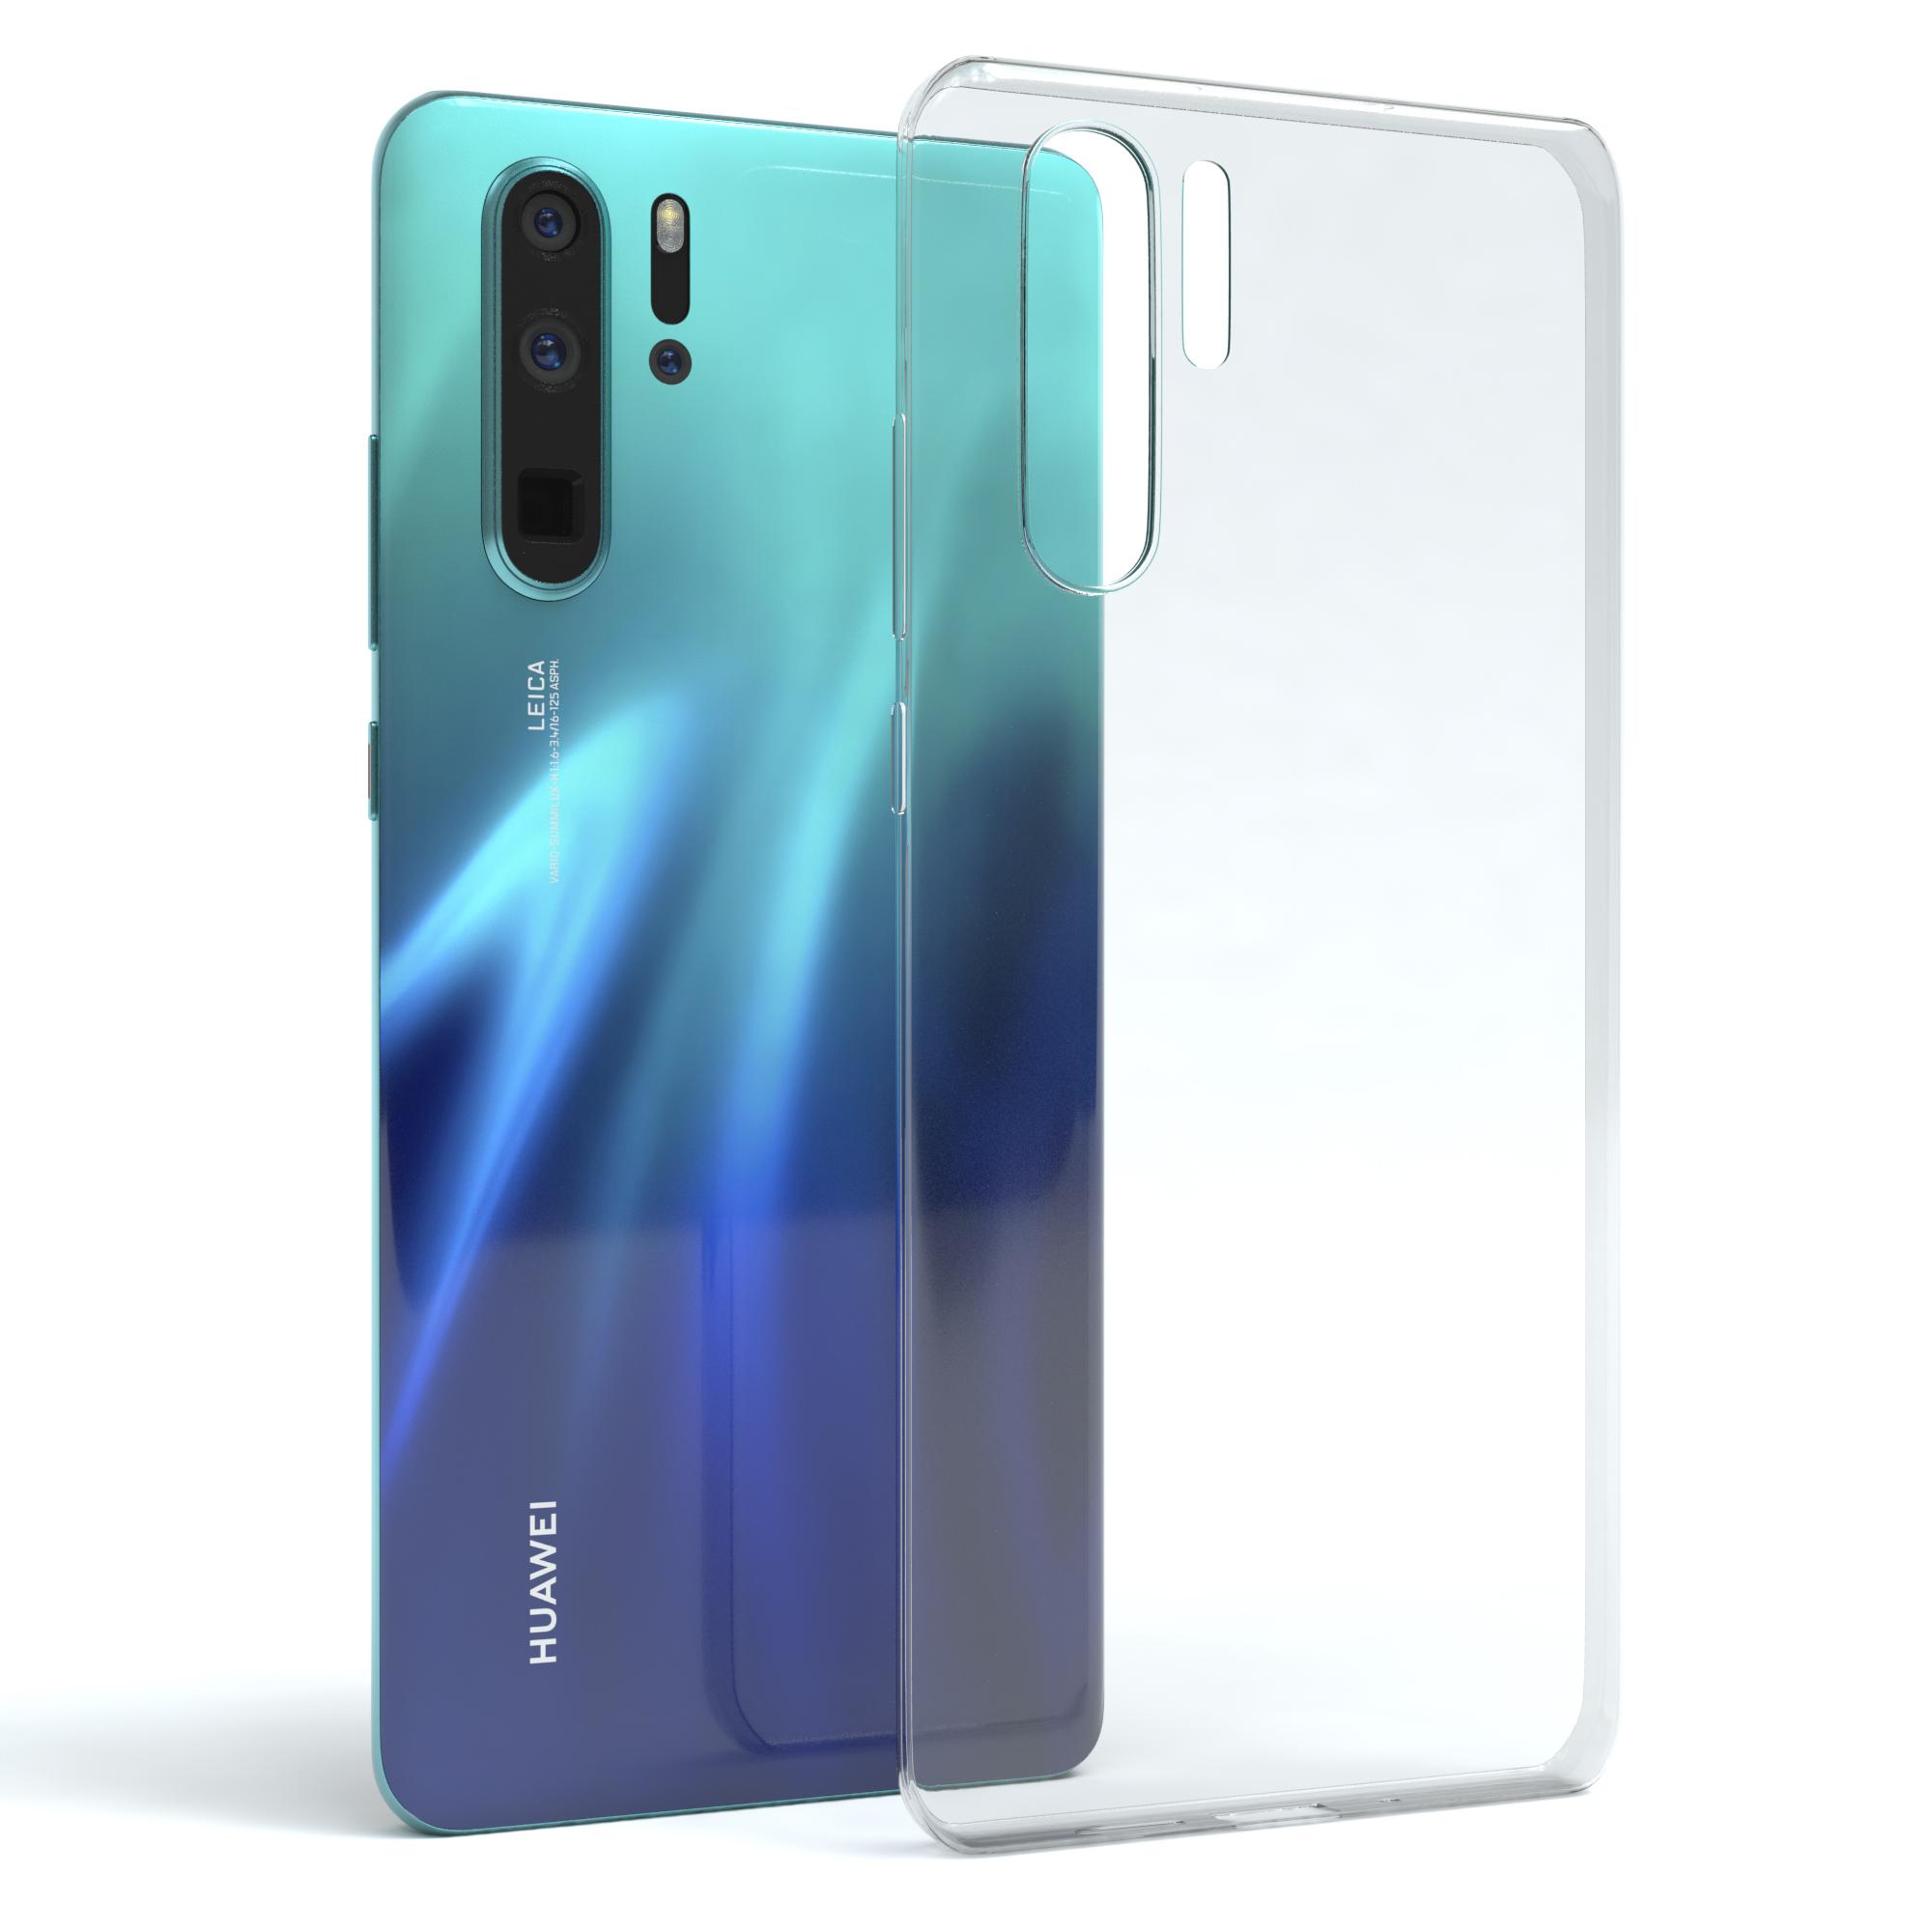 Huawei nova modelle